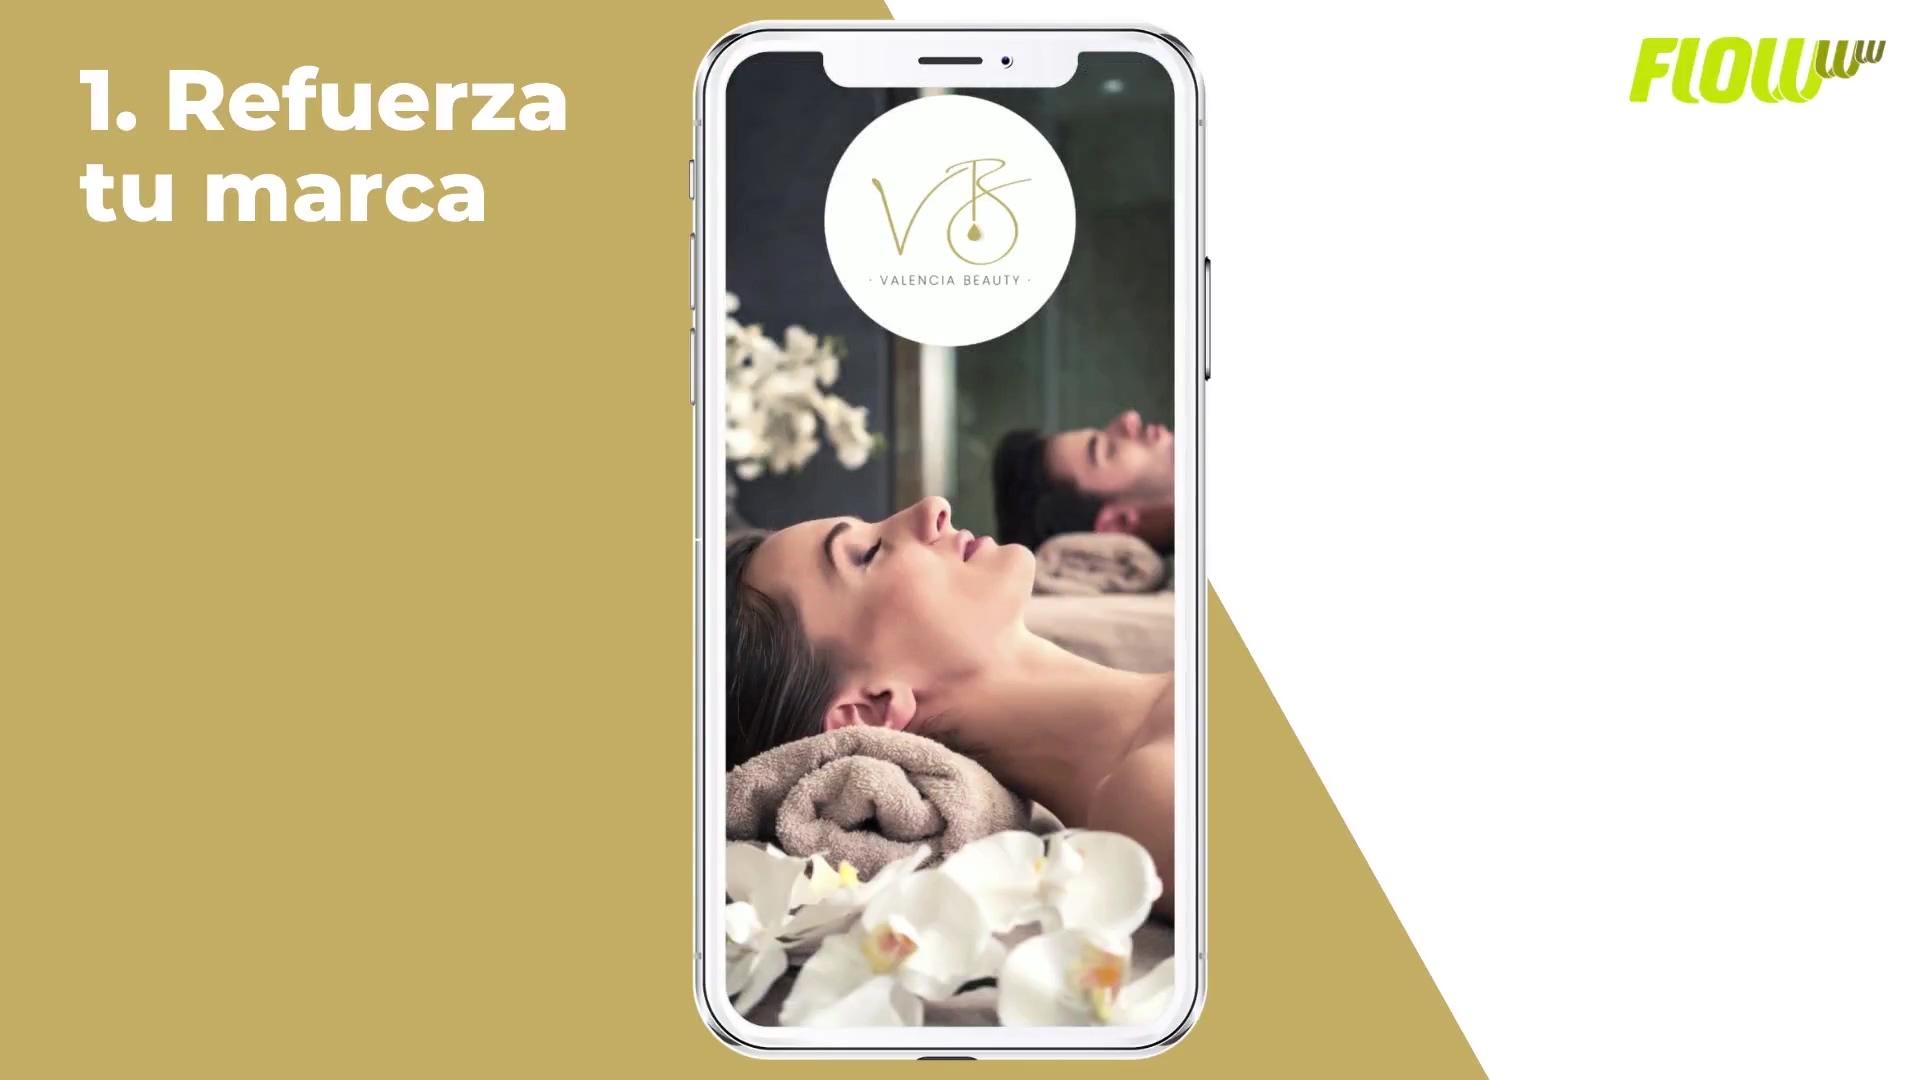 1_Video refuerza tu marca y presencia digital_montado